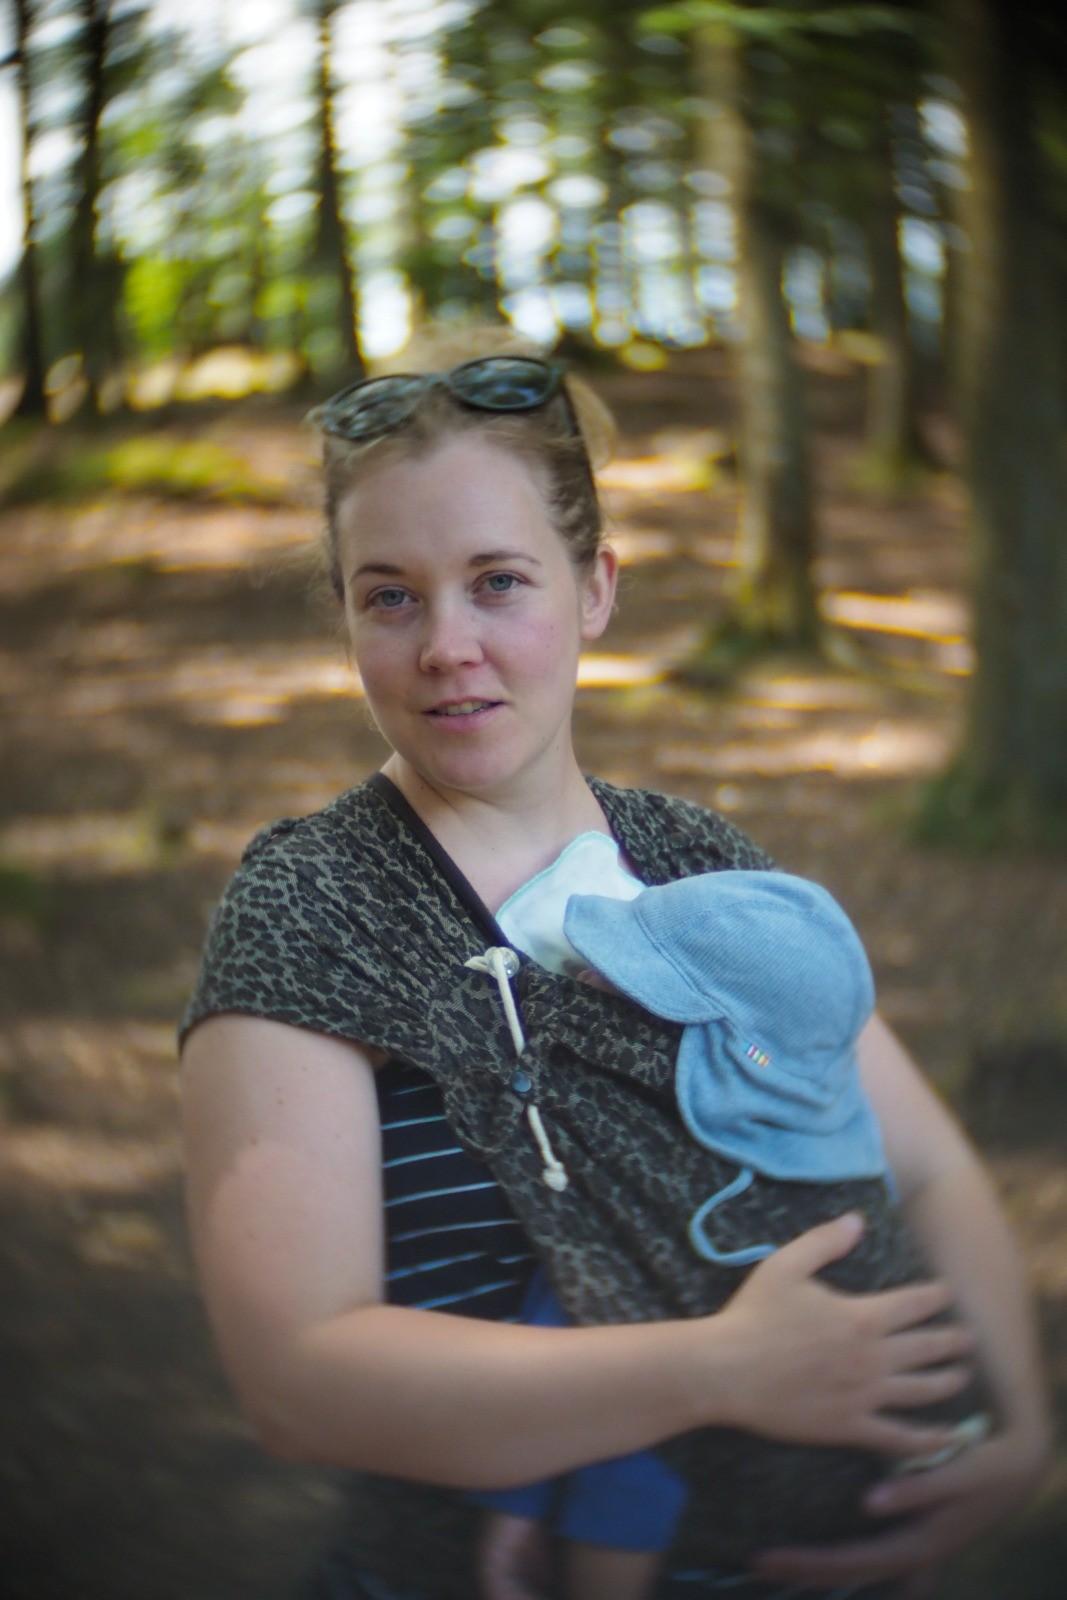 Camilla i skoven, Bornholm, fotograferet med et SLR Magic Toy Lens